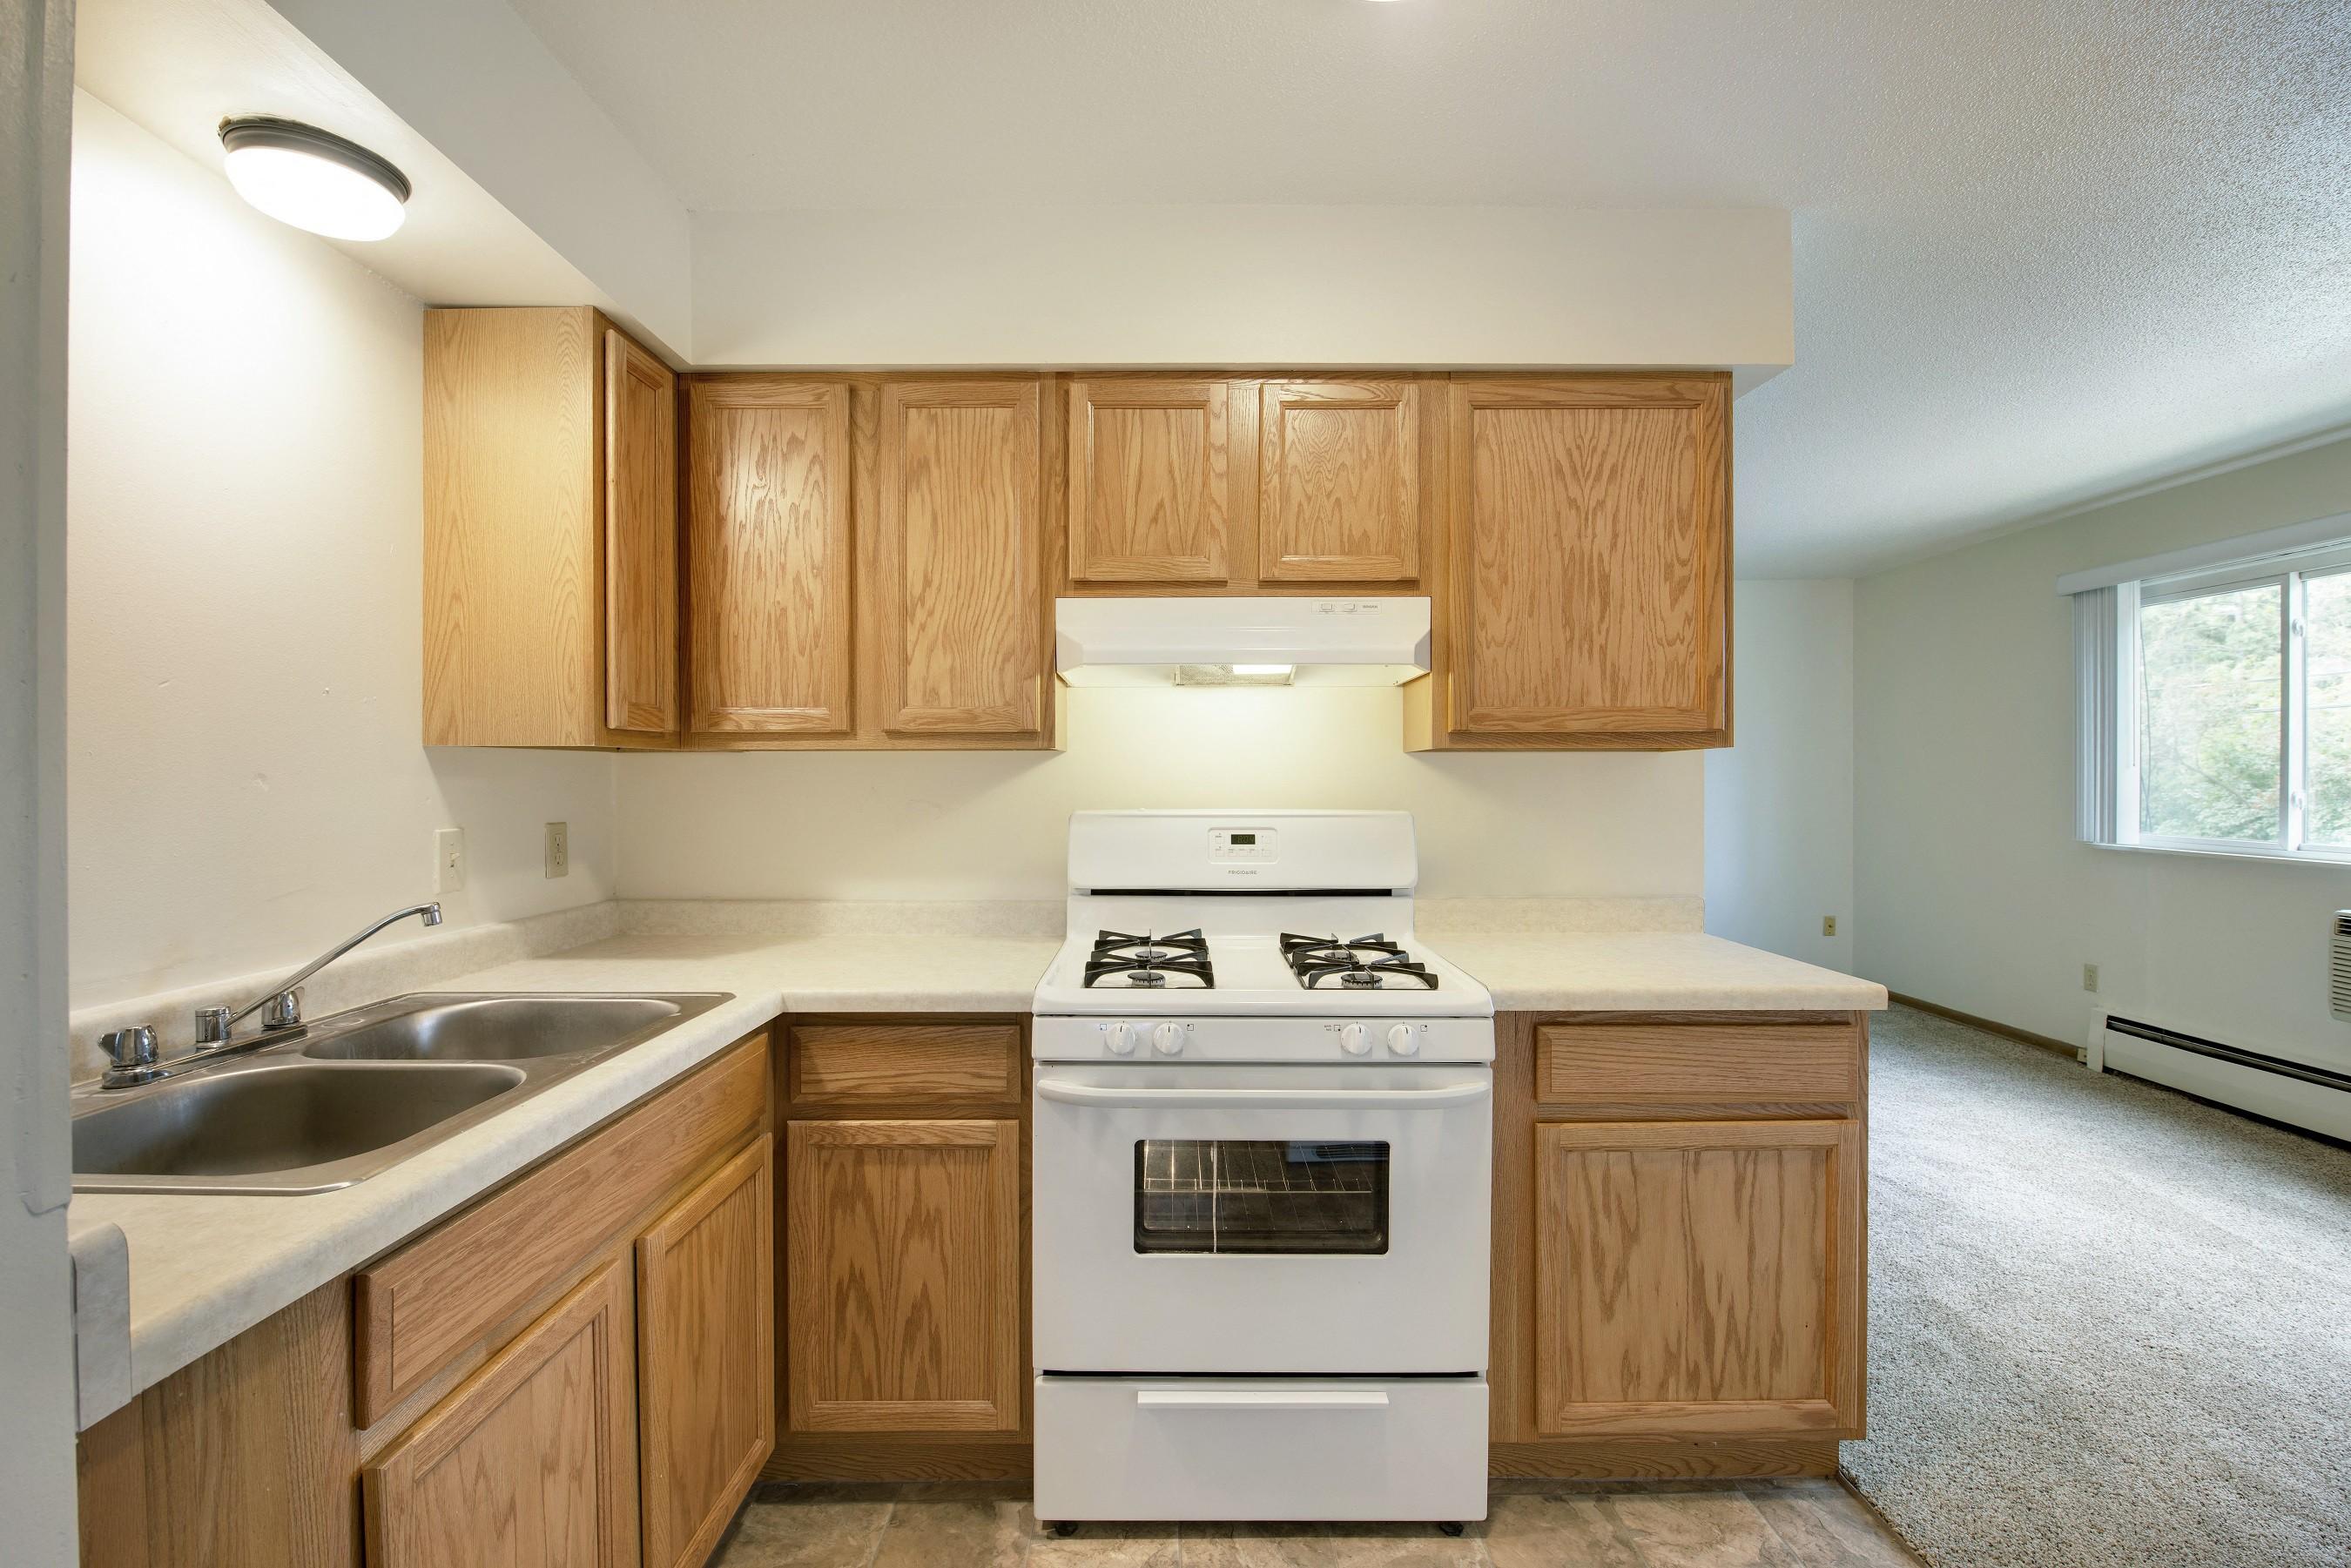 Apartments Near Minnetonka Northeast Villas for Minnetonka Students in Minnetonka, MN